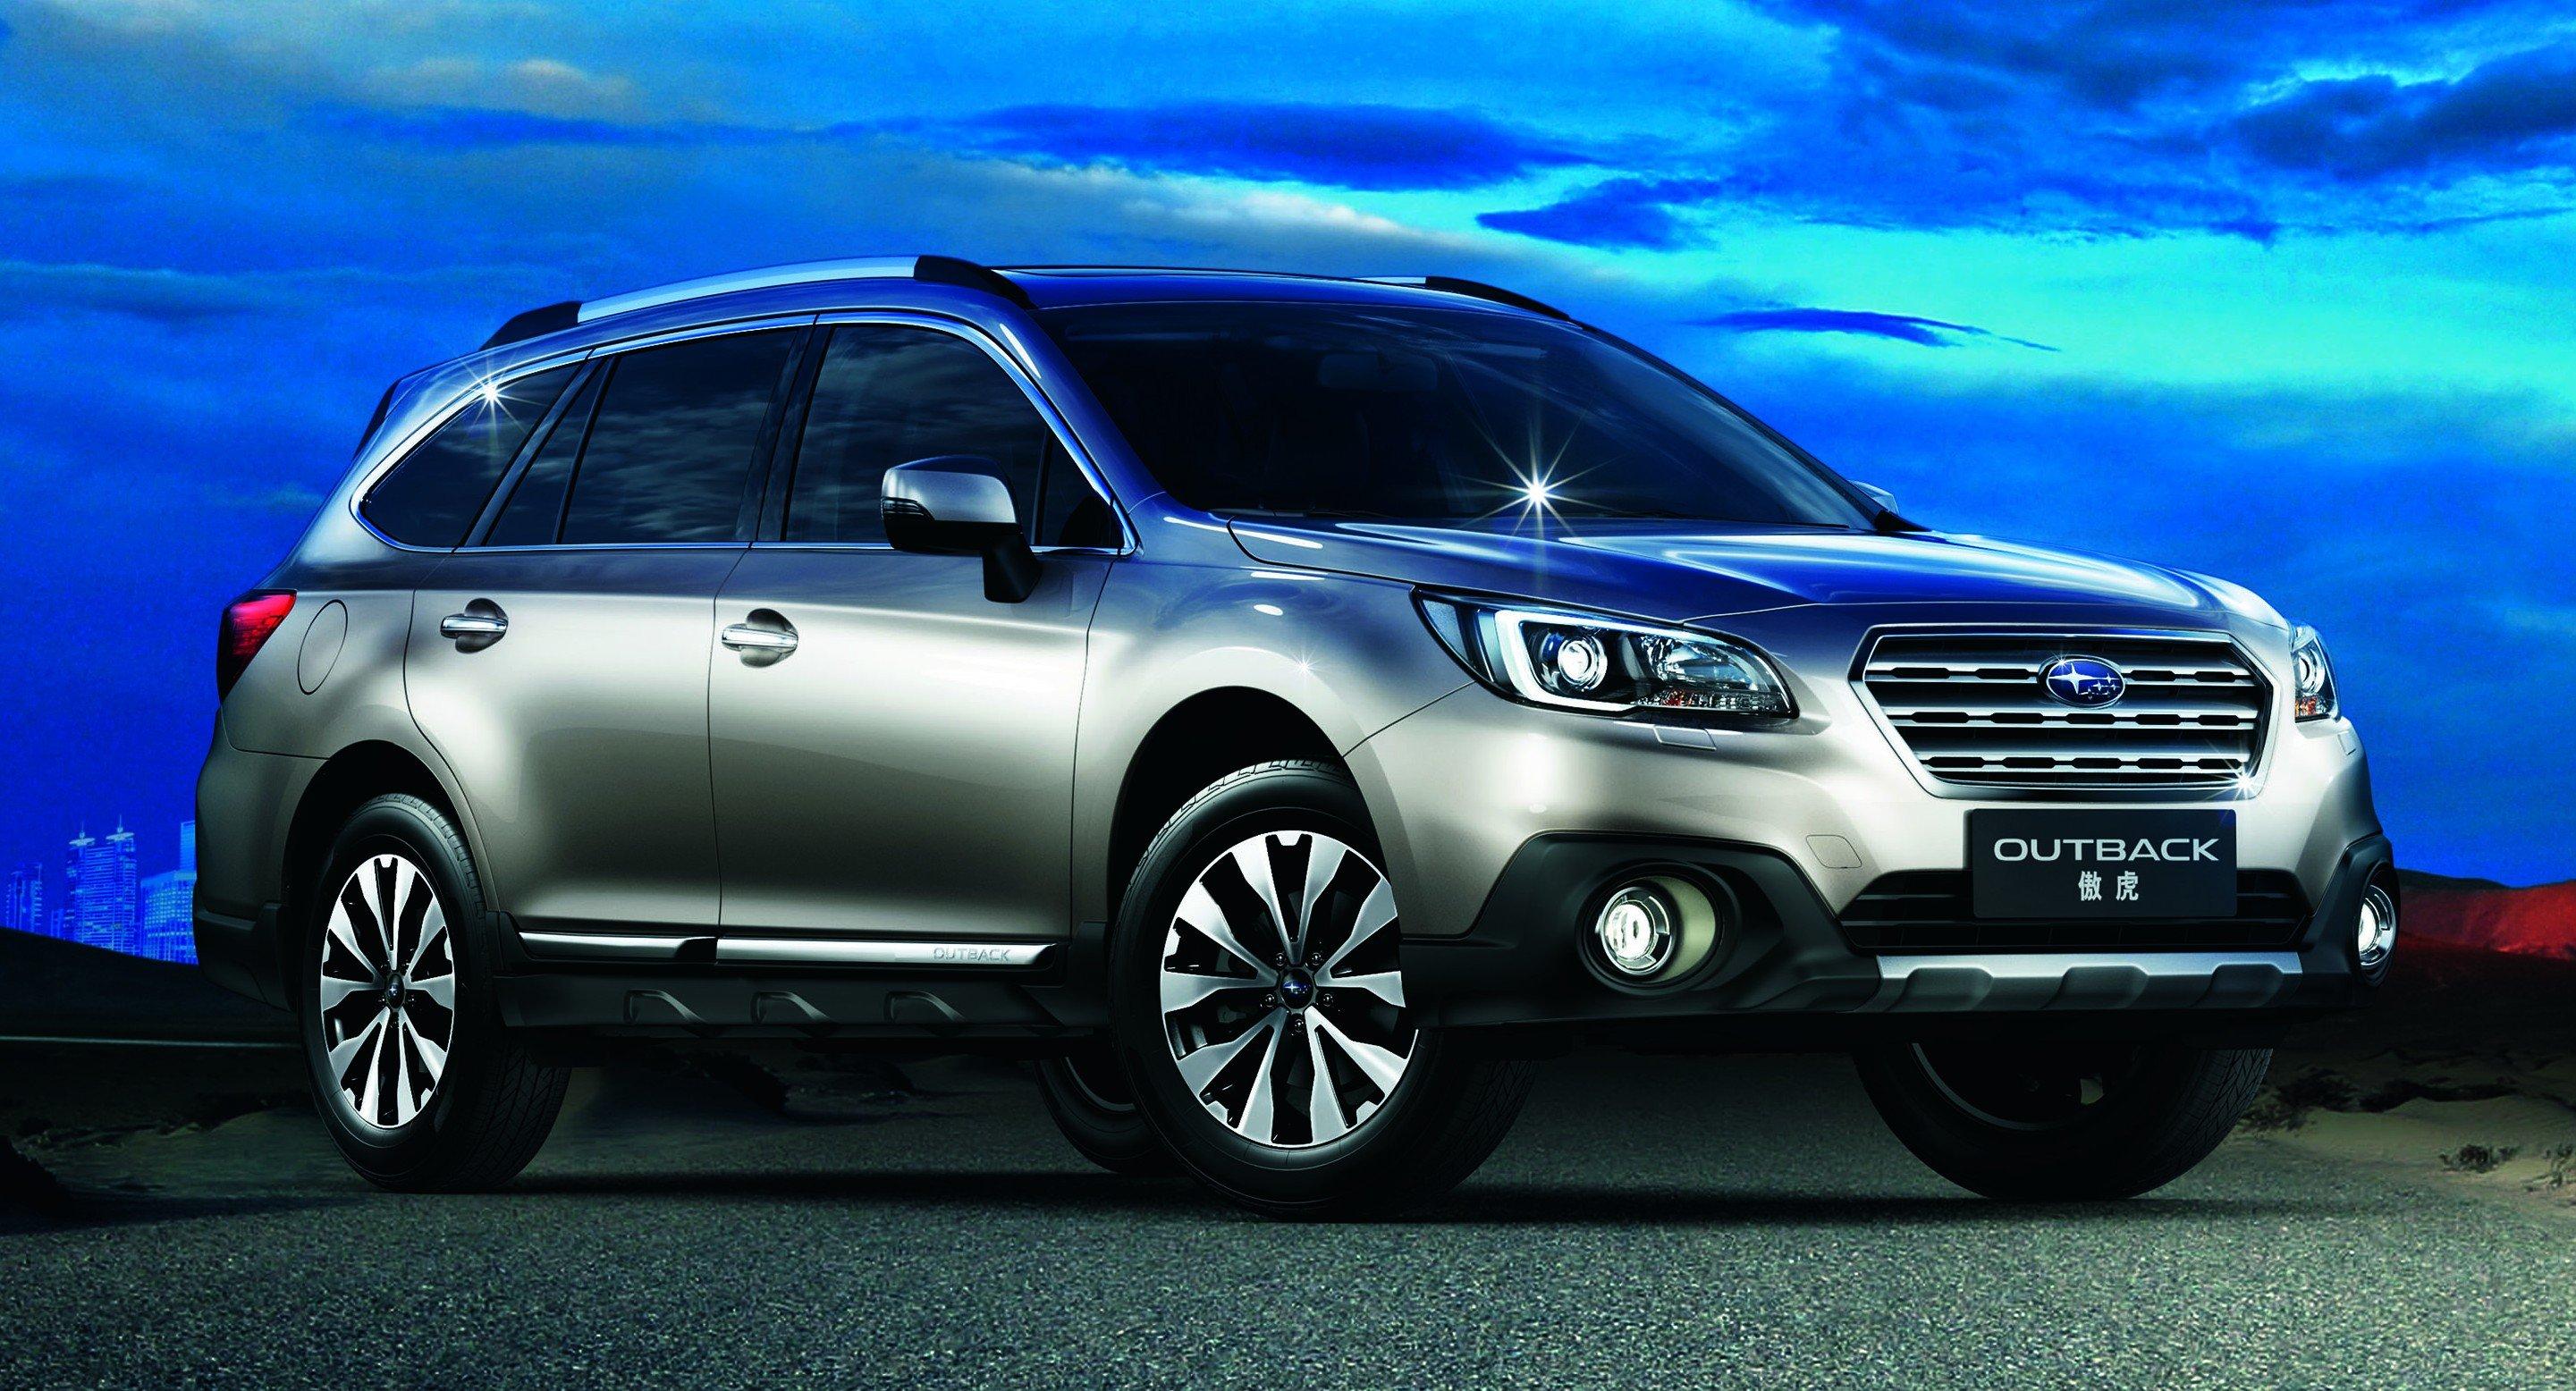 Subaru Outback China